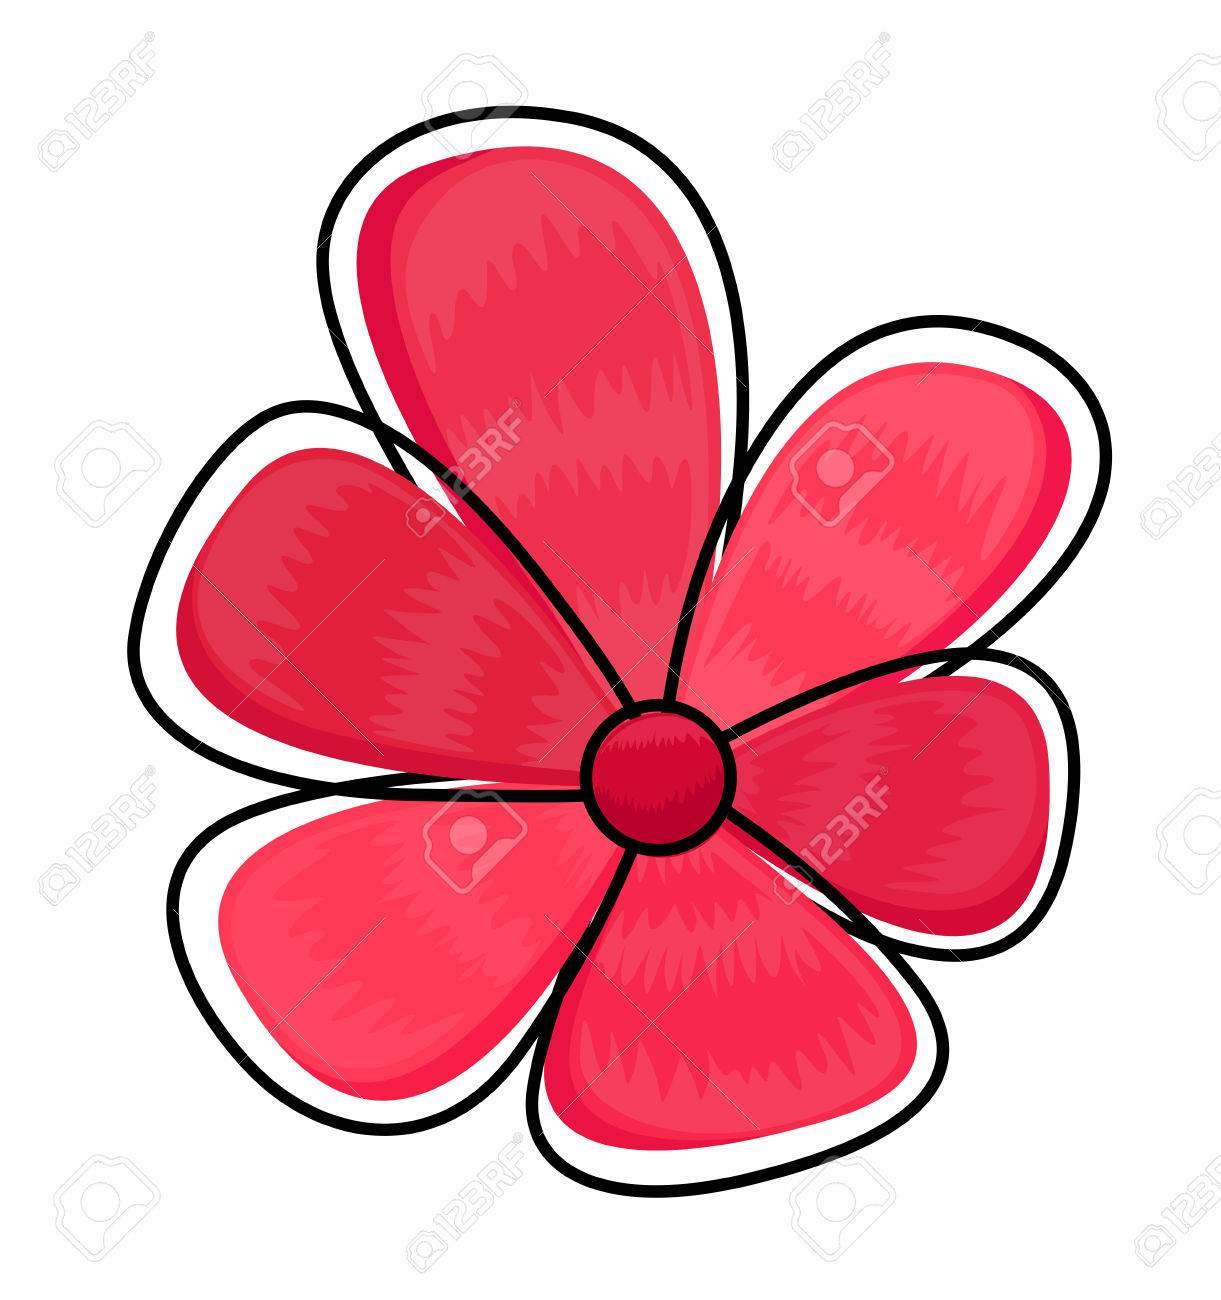 dessin fleur rose clip art libres de droits , vecteurs et